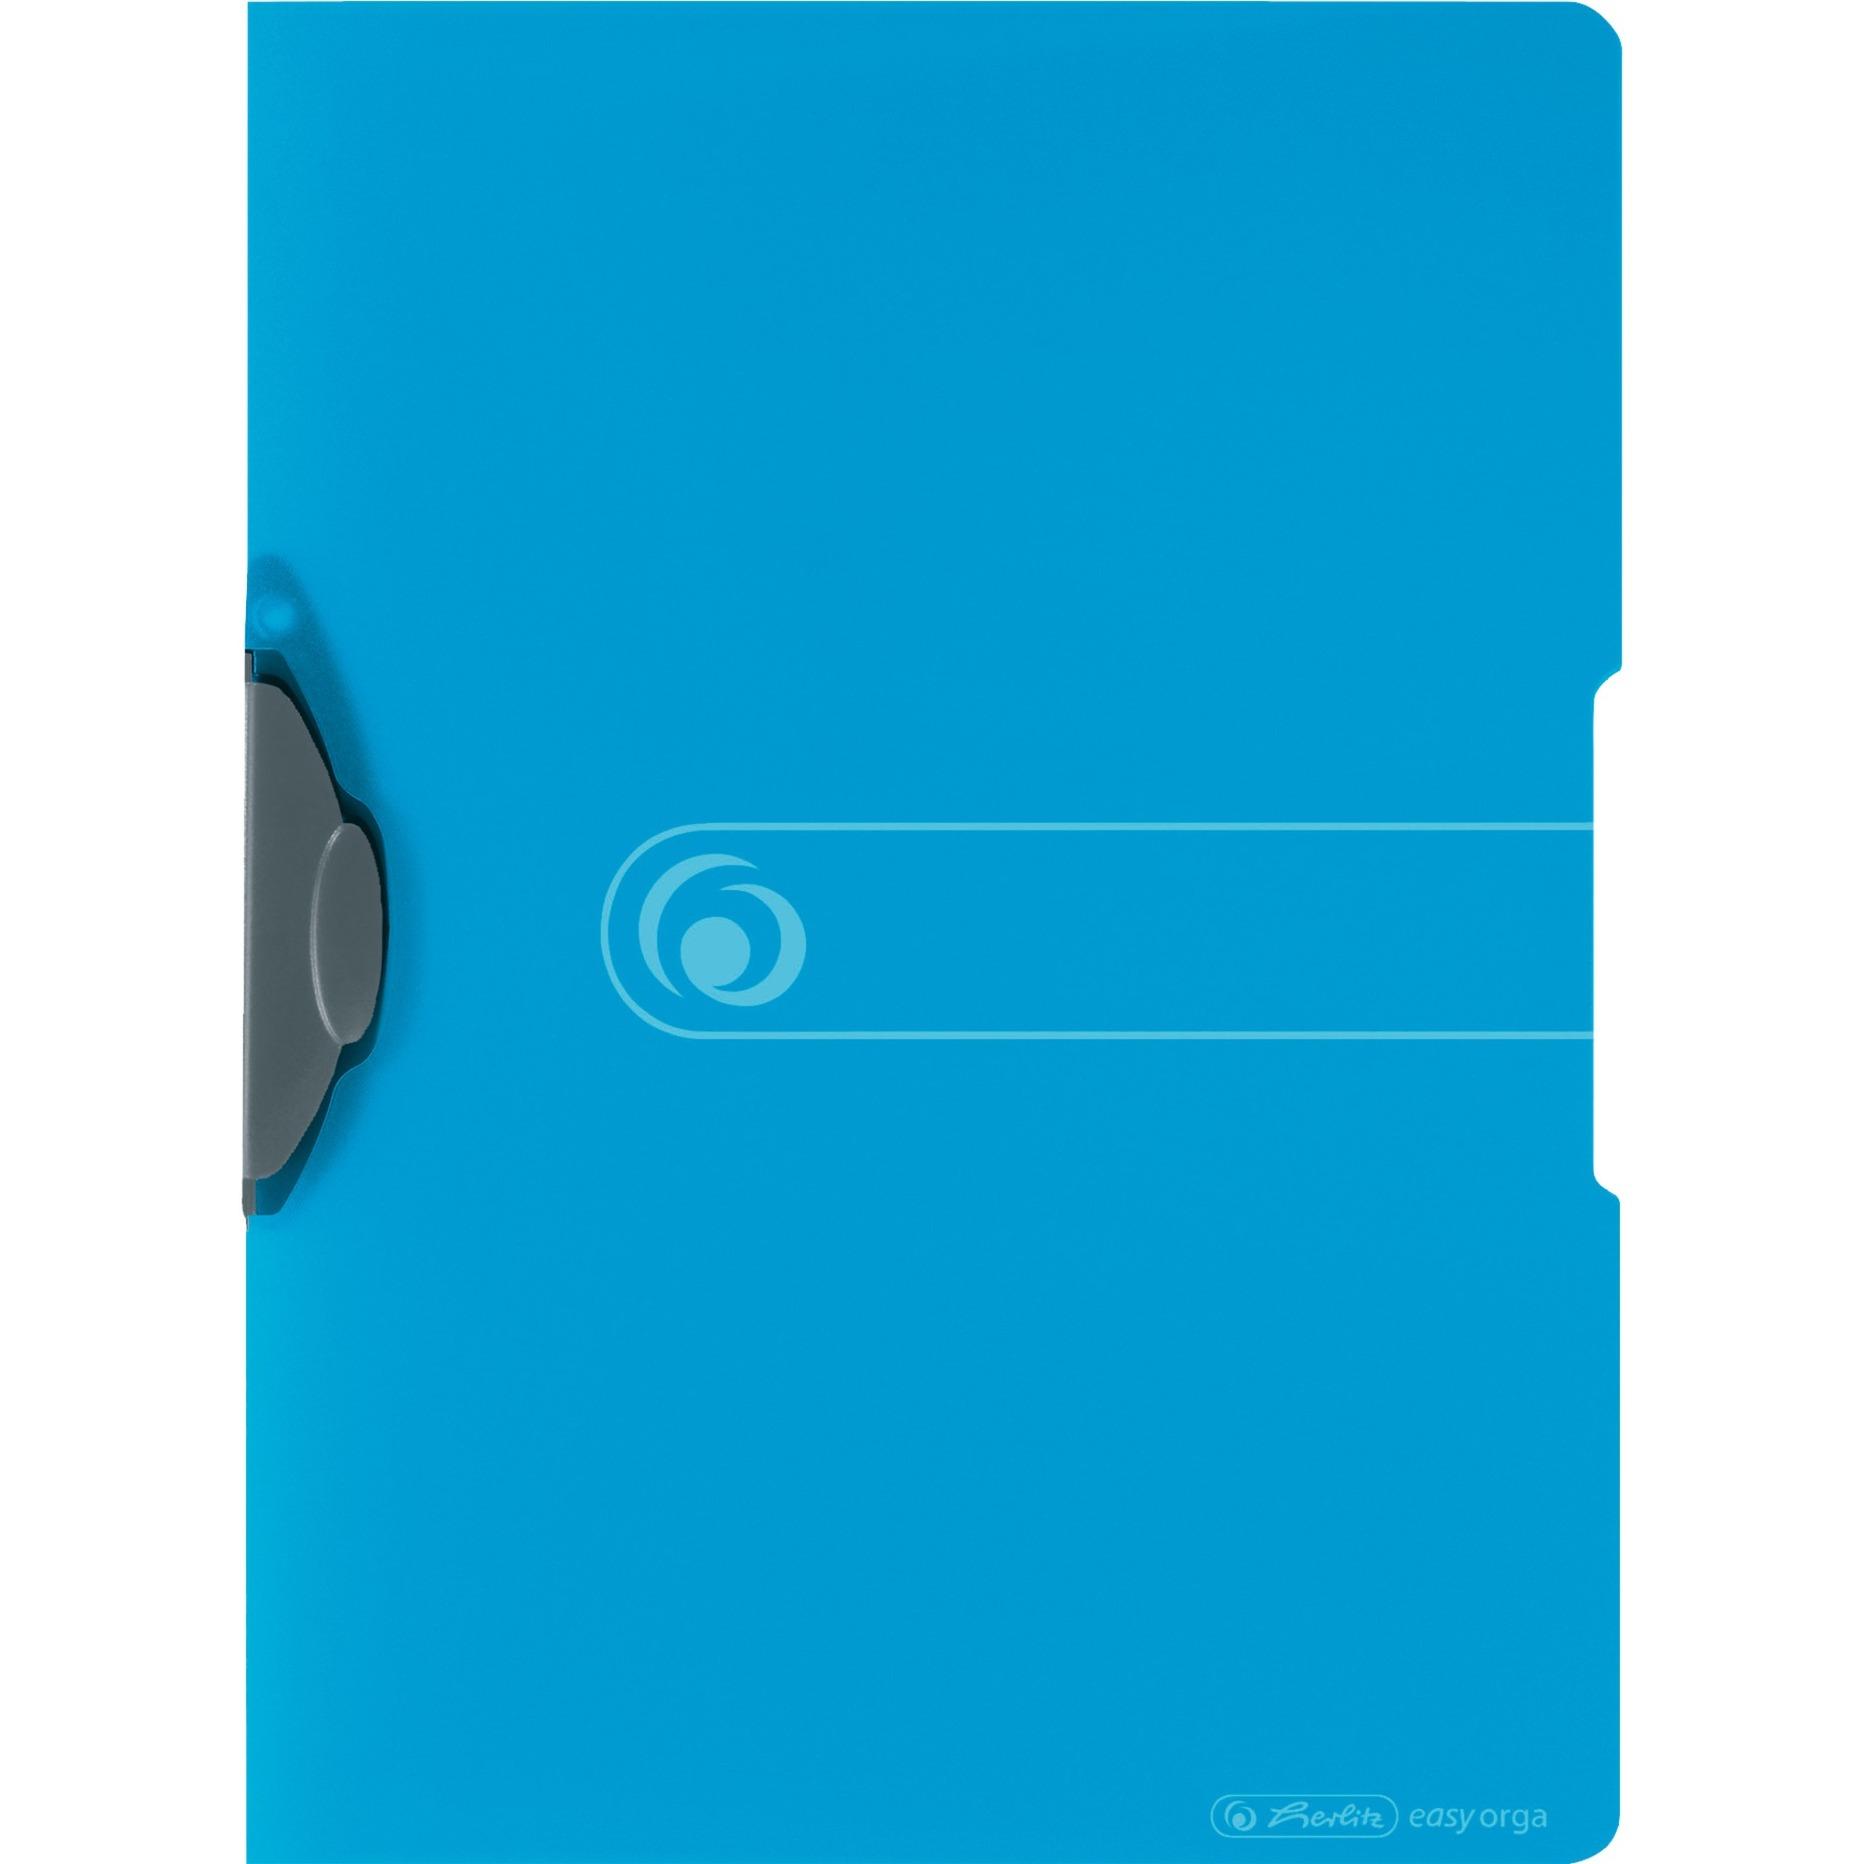 11206455 Polipropileno (PP) Azul carpeta